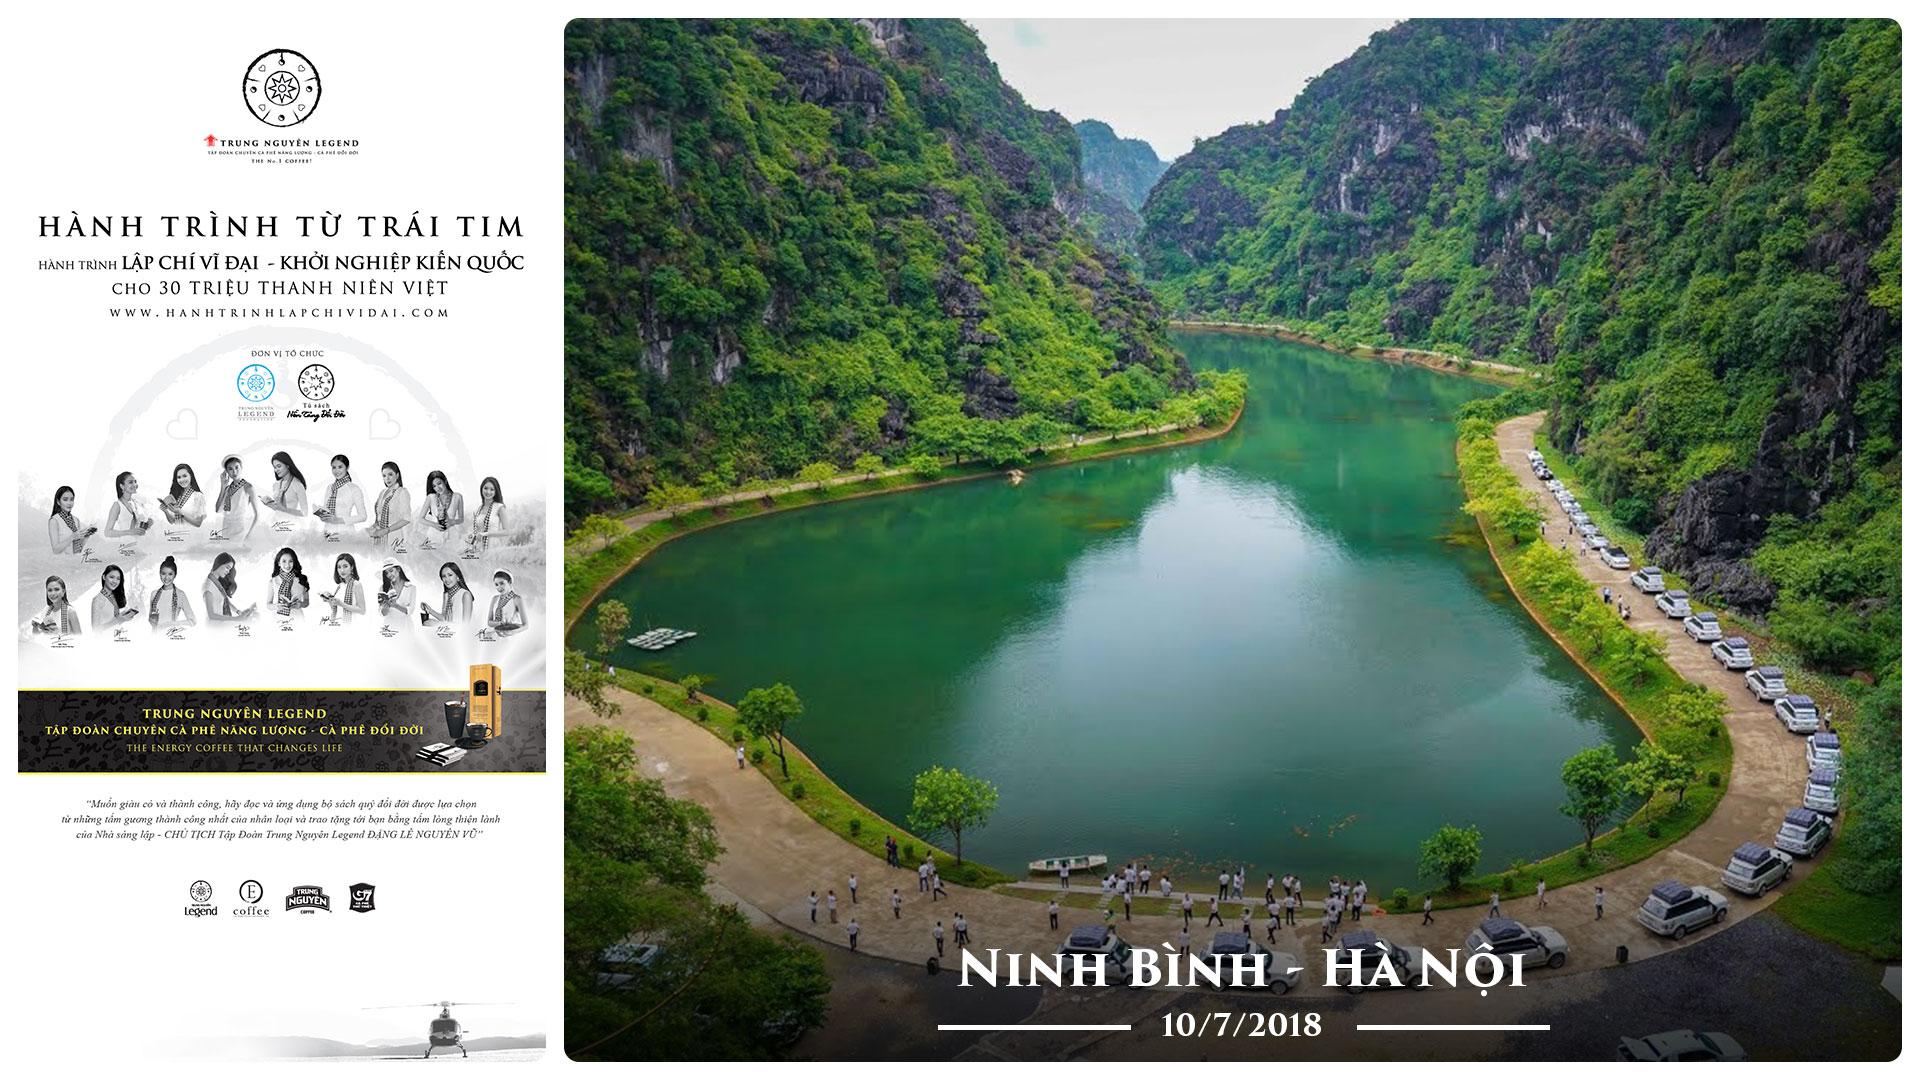 Nhật ký Hành Trình Từ Trái Tim – Ngày 10/7/2018 – Ninh Bình – Hà Nội